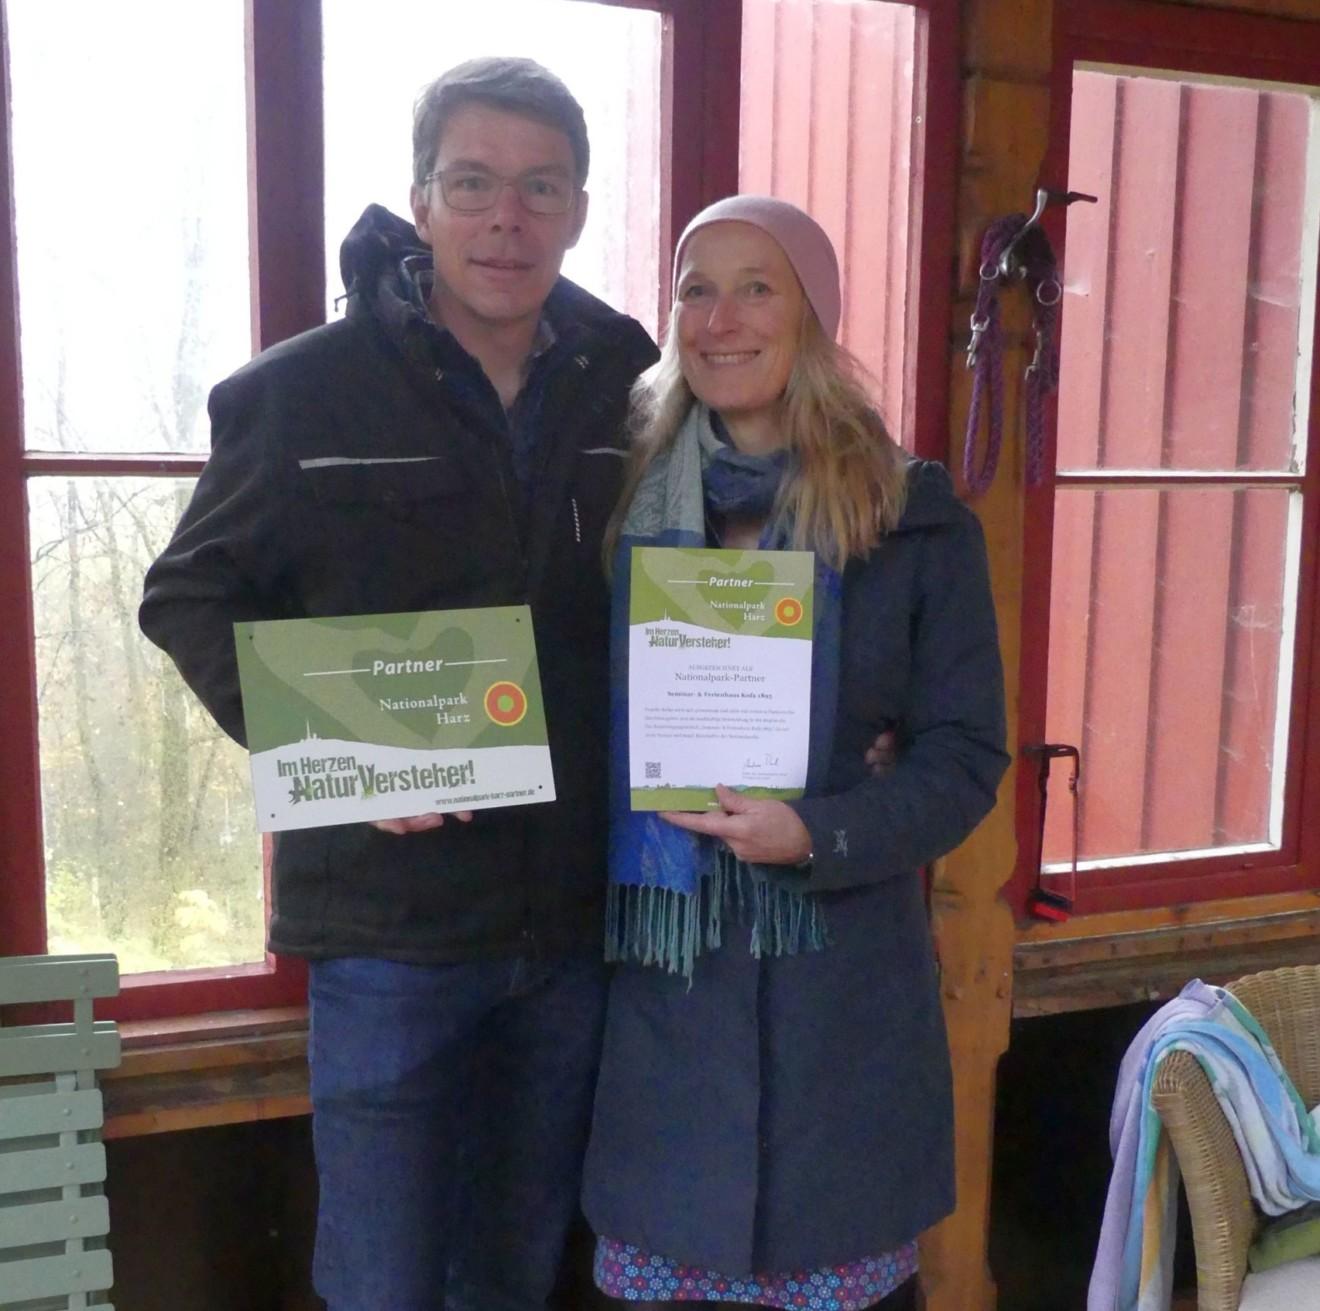 Im Herzen Naturversteher – Auszeichnung von drei neuen Nationalparkpartnern